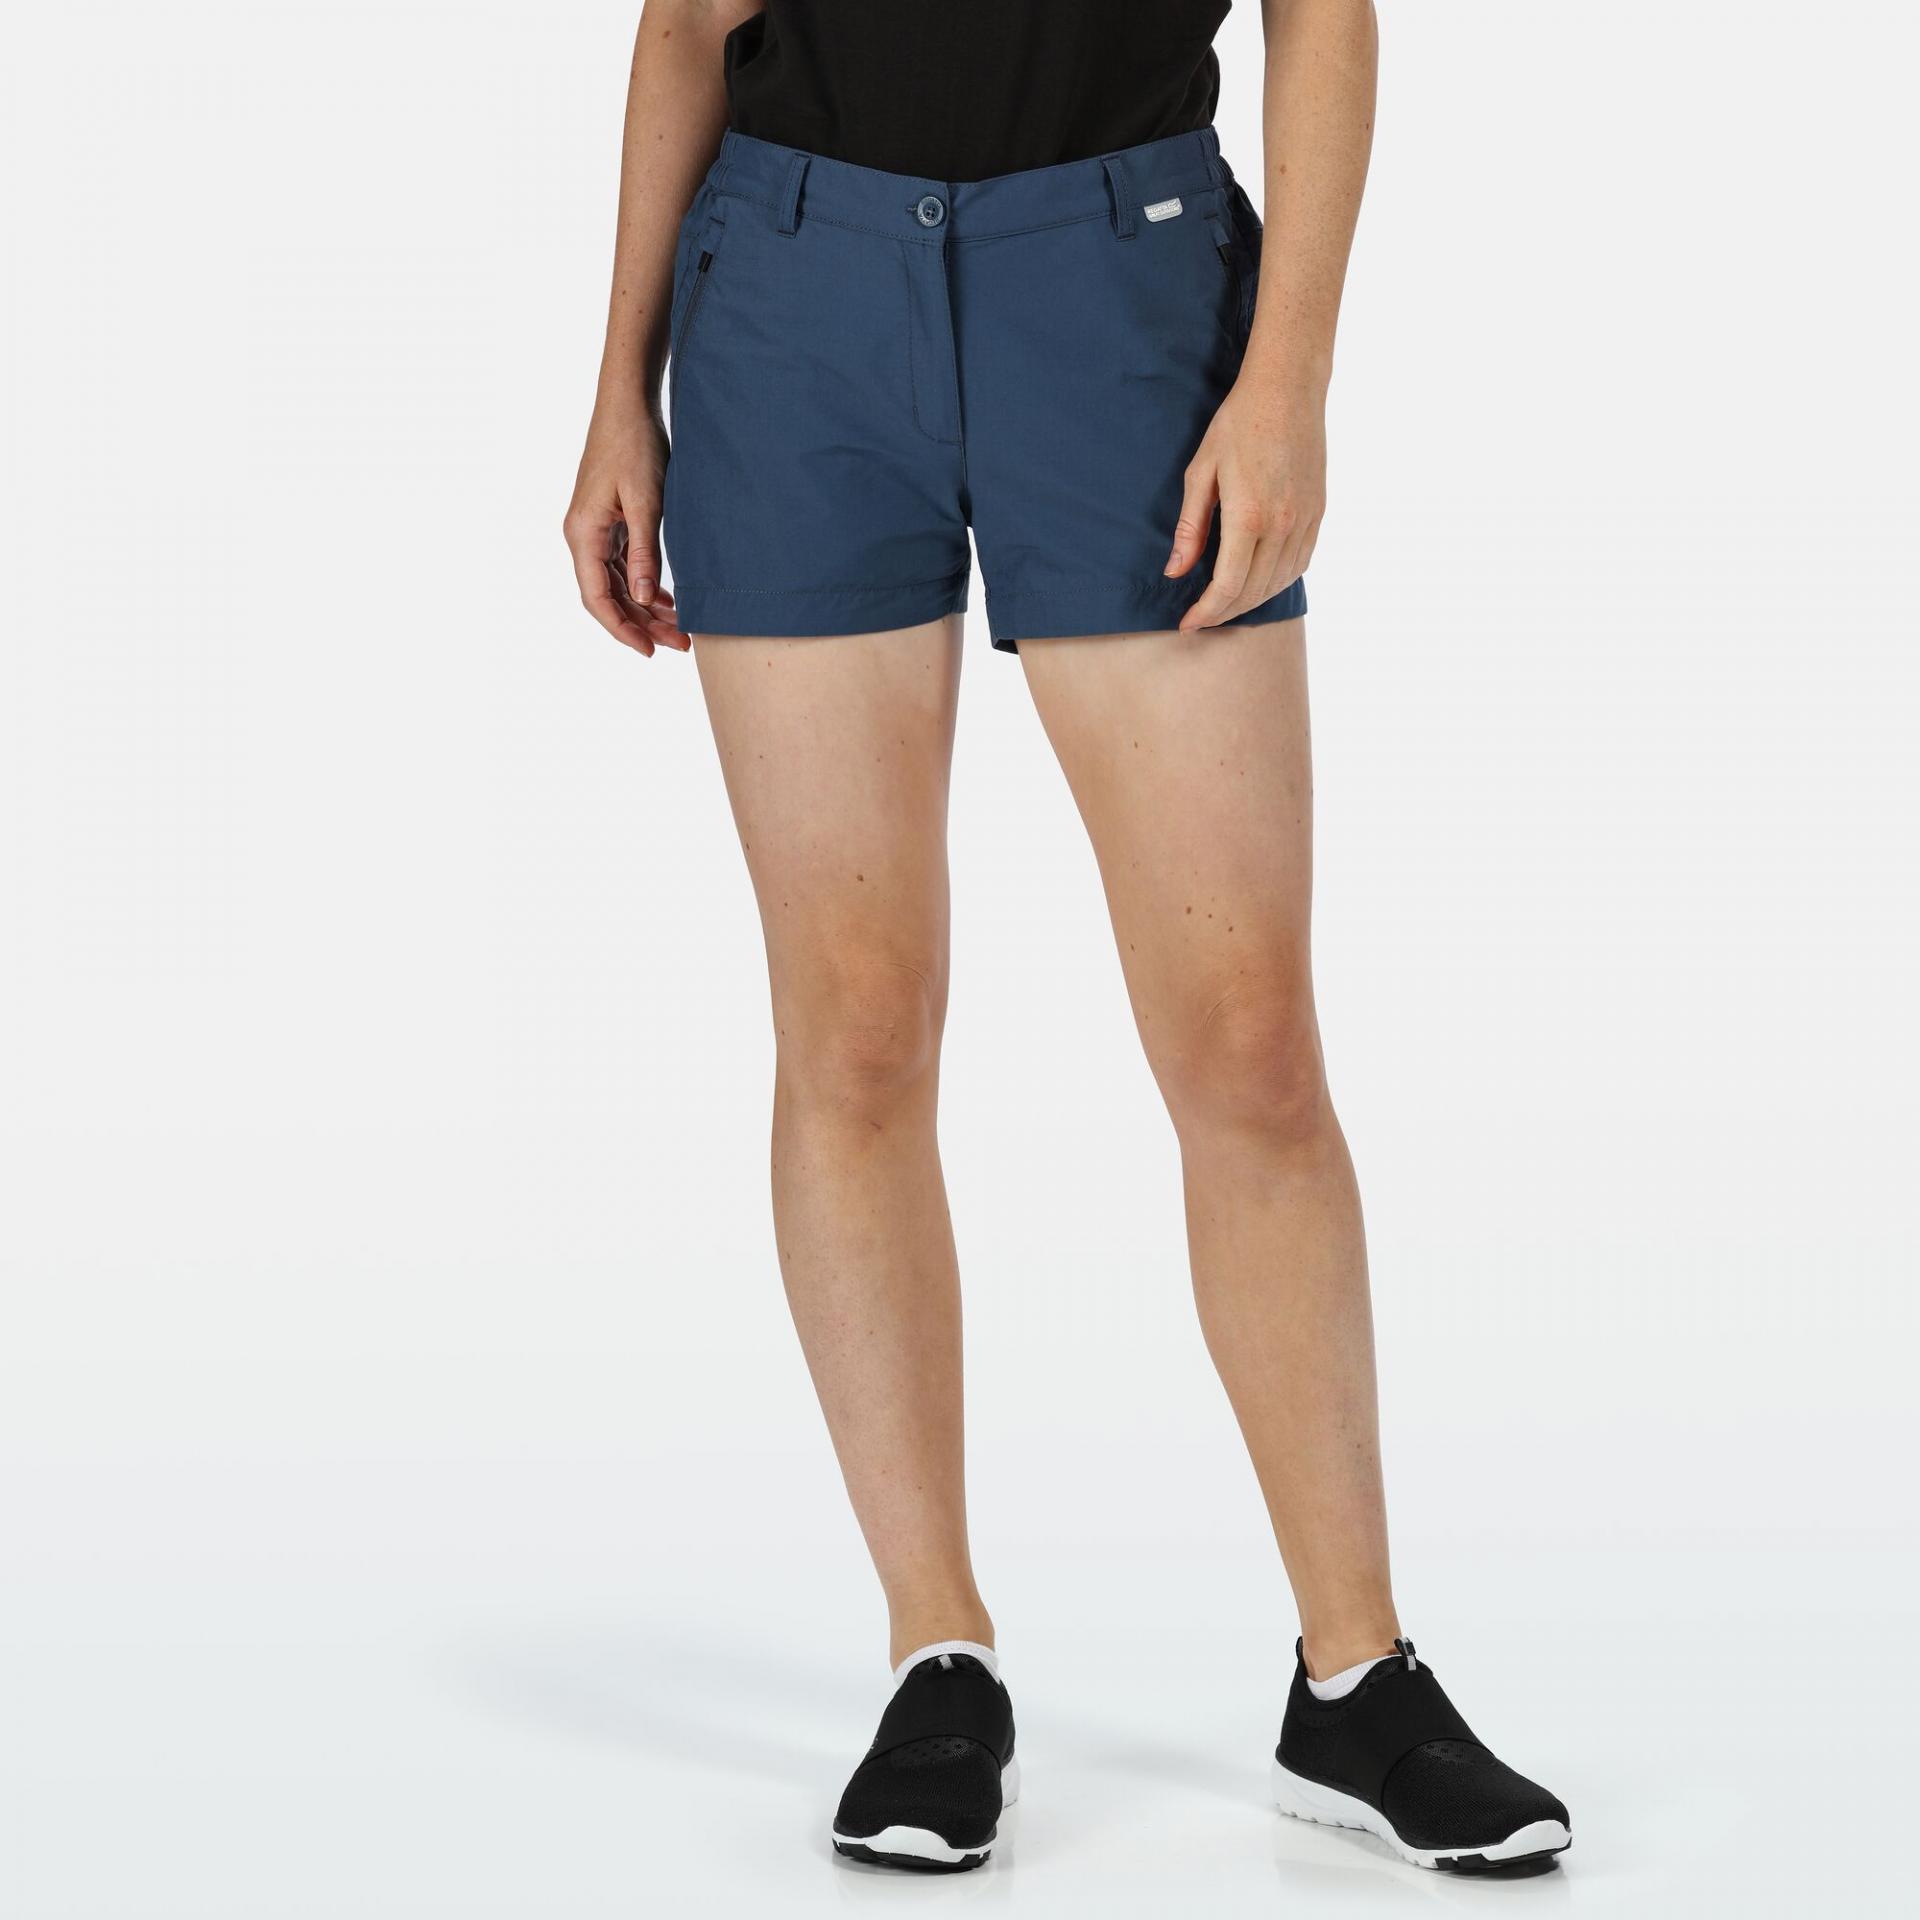 Pantalones Trekking Mujer Regatta Highton Short. RWJ211 Dark Denim